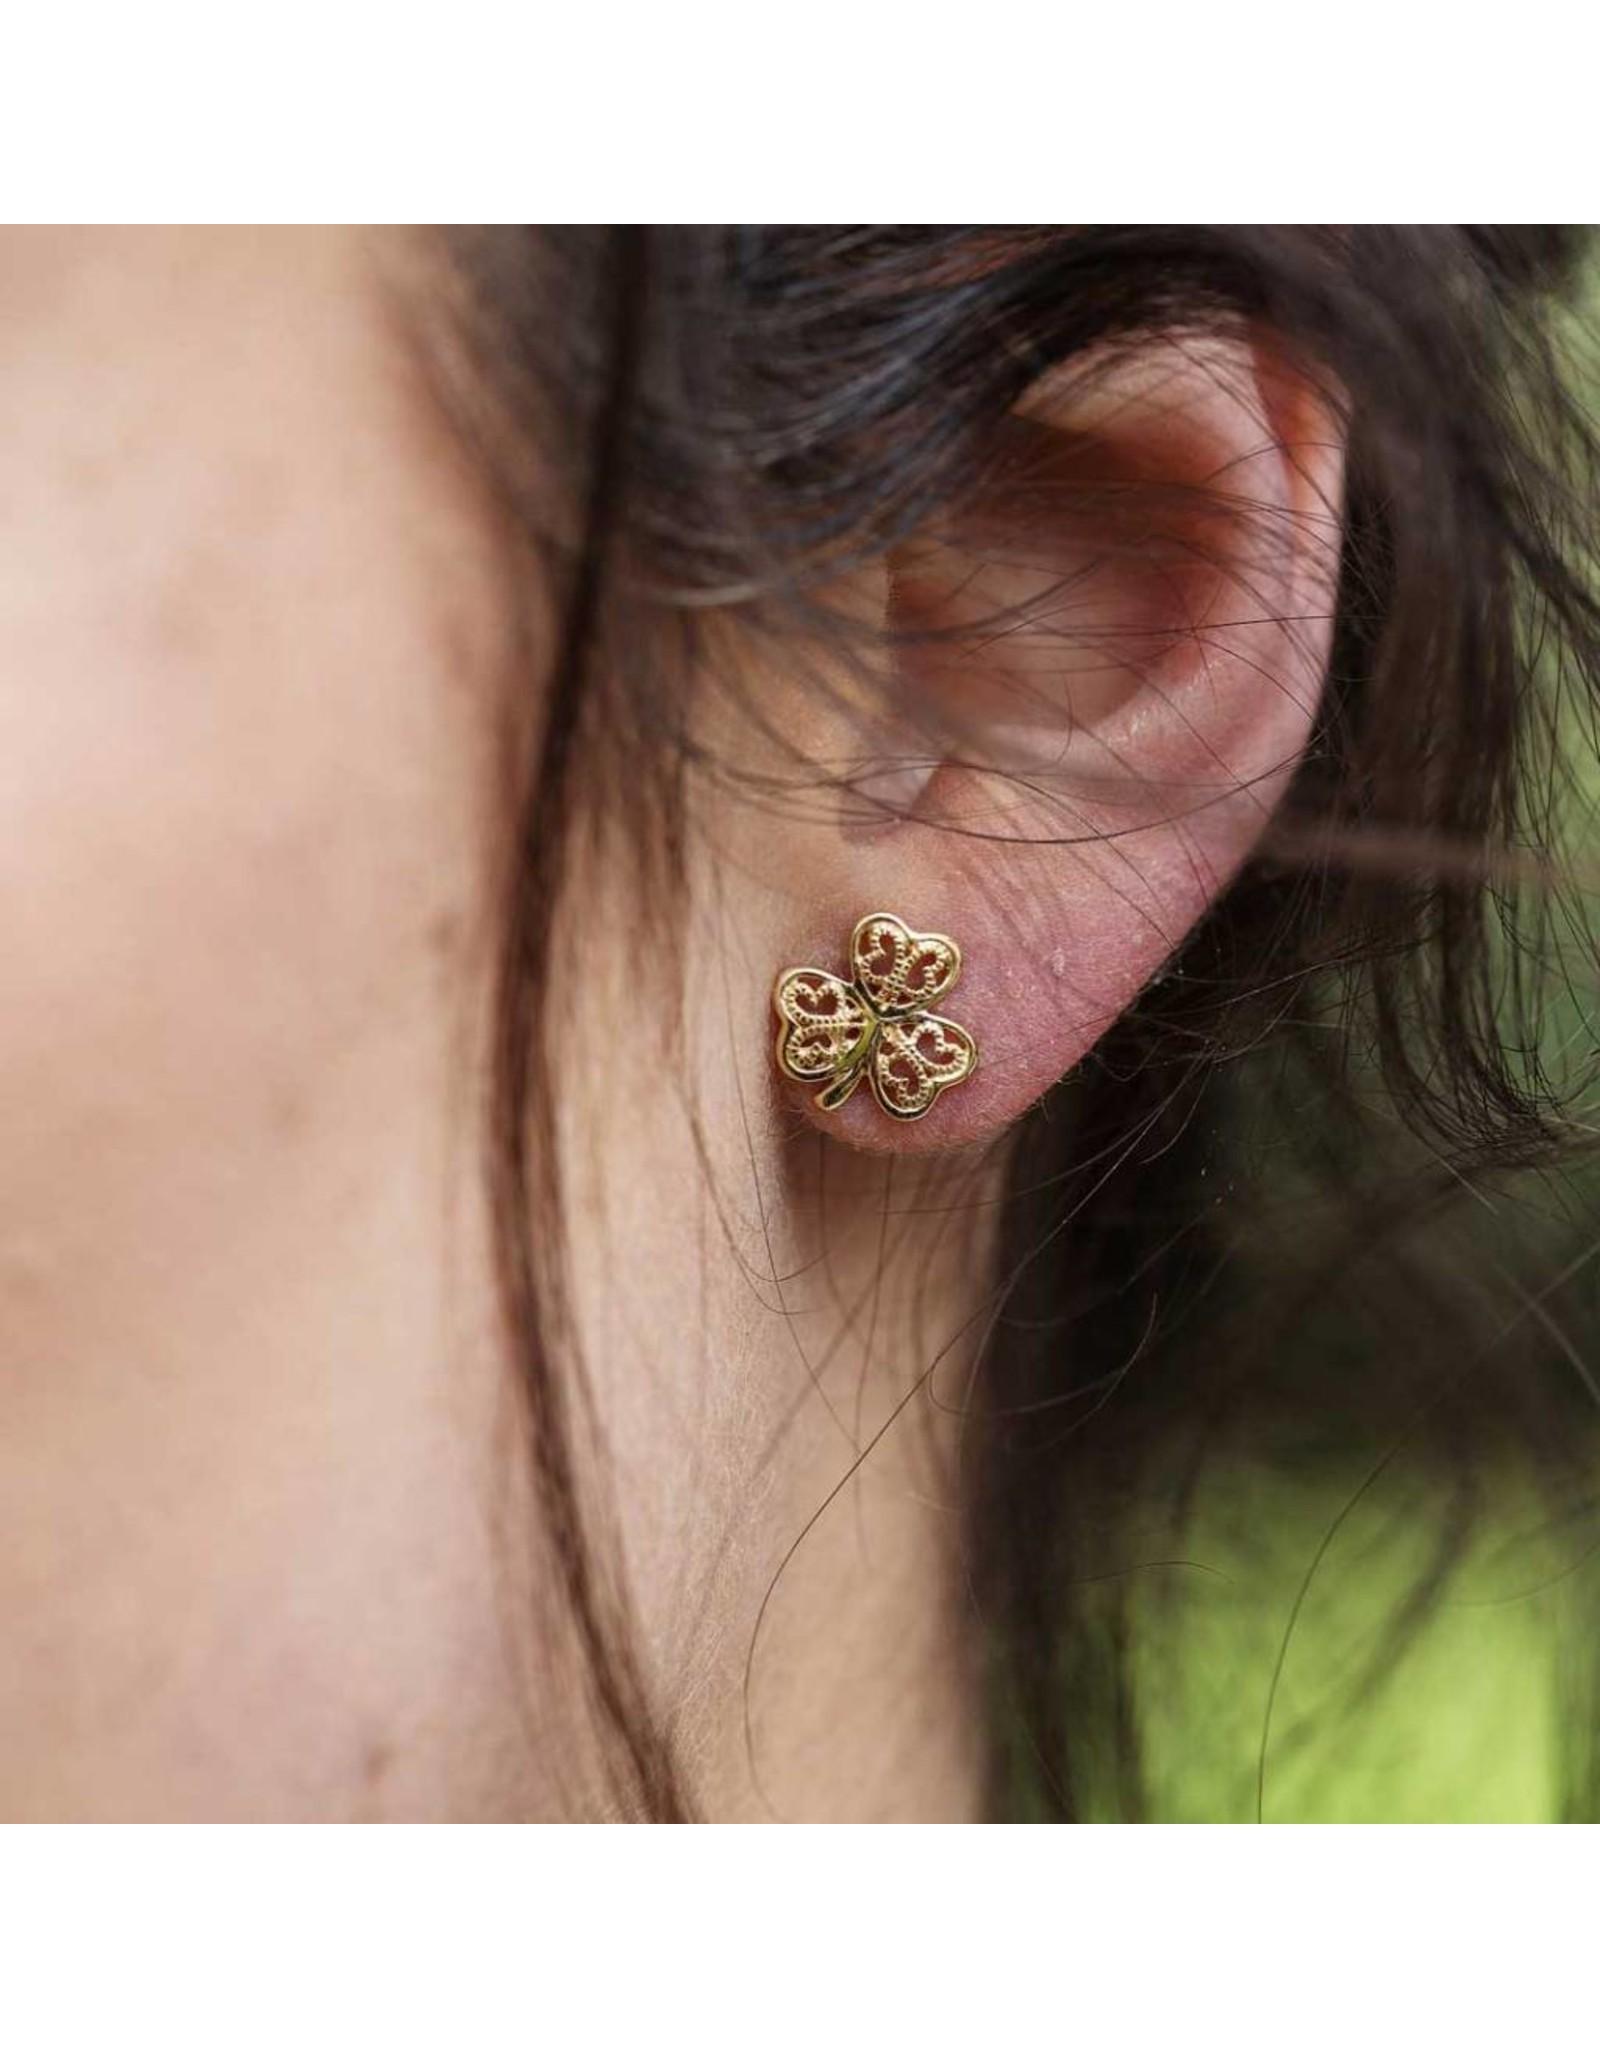 Shanore Gold 10K Shamrock Filigree Stud Earrings